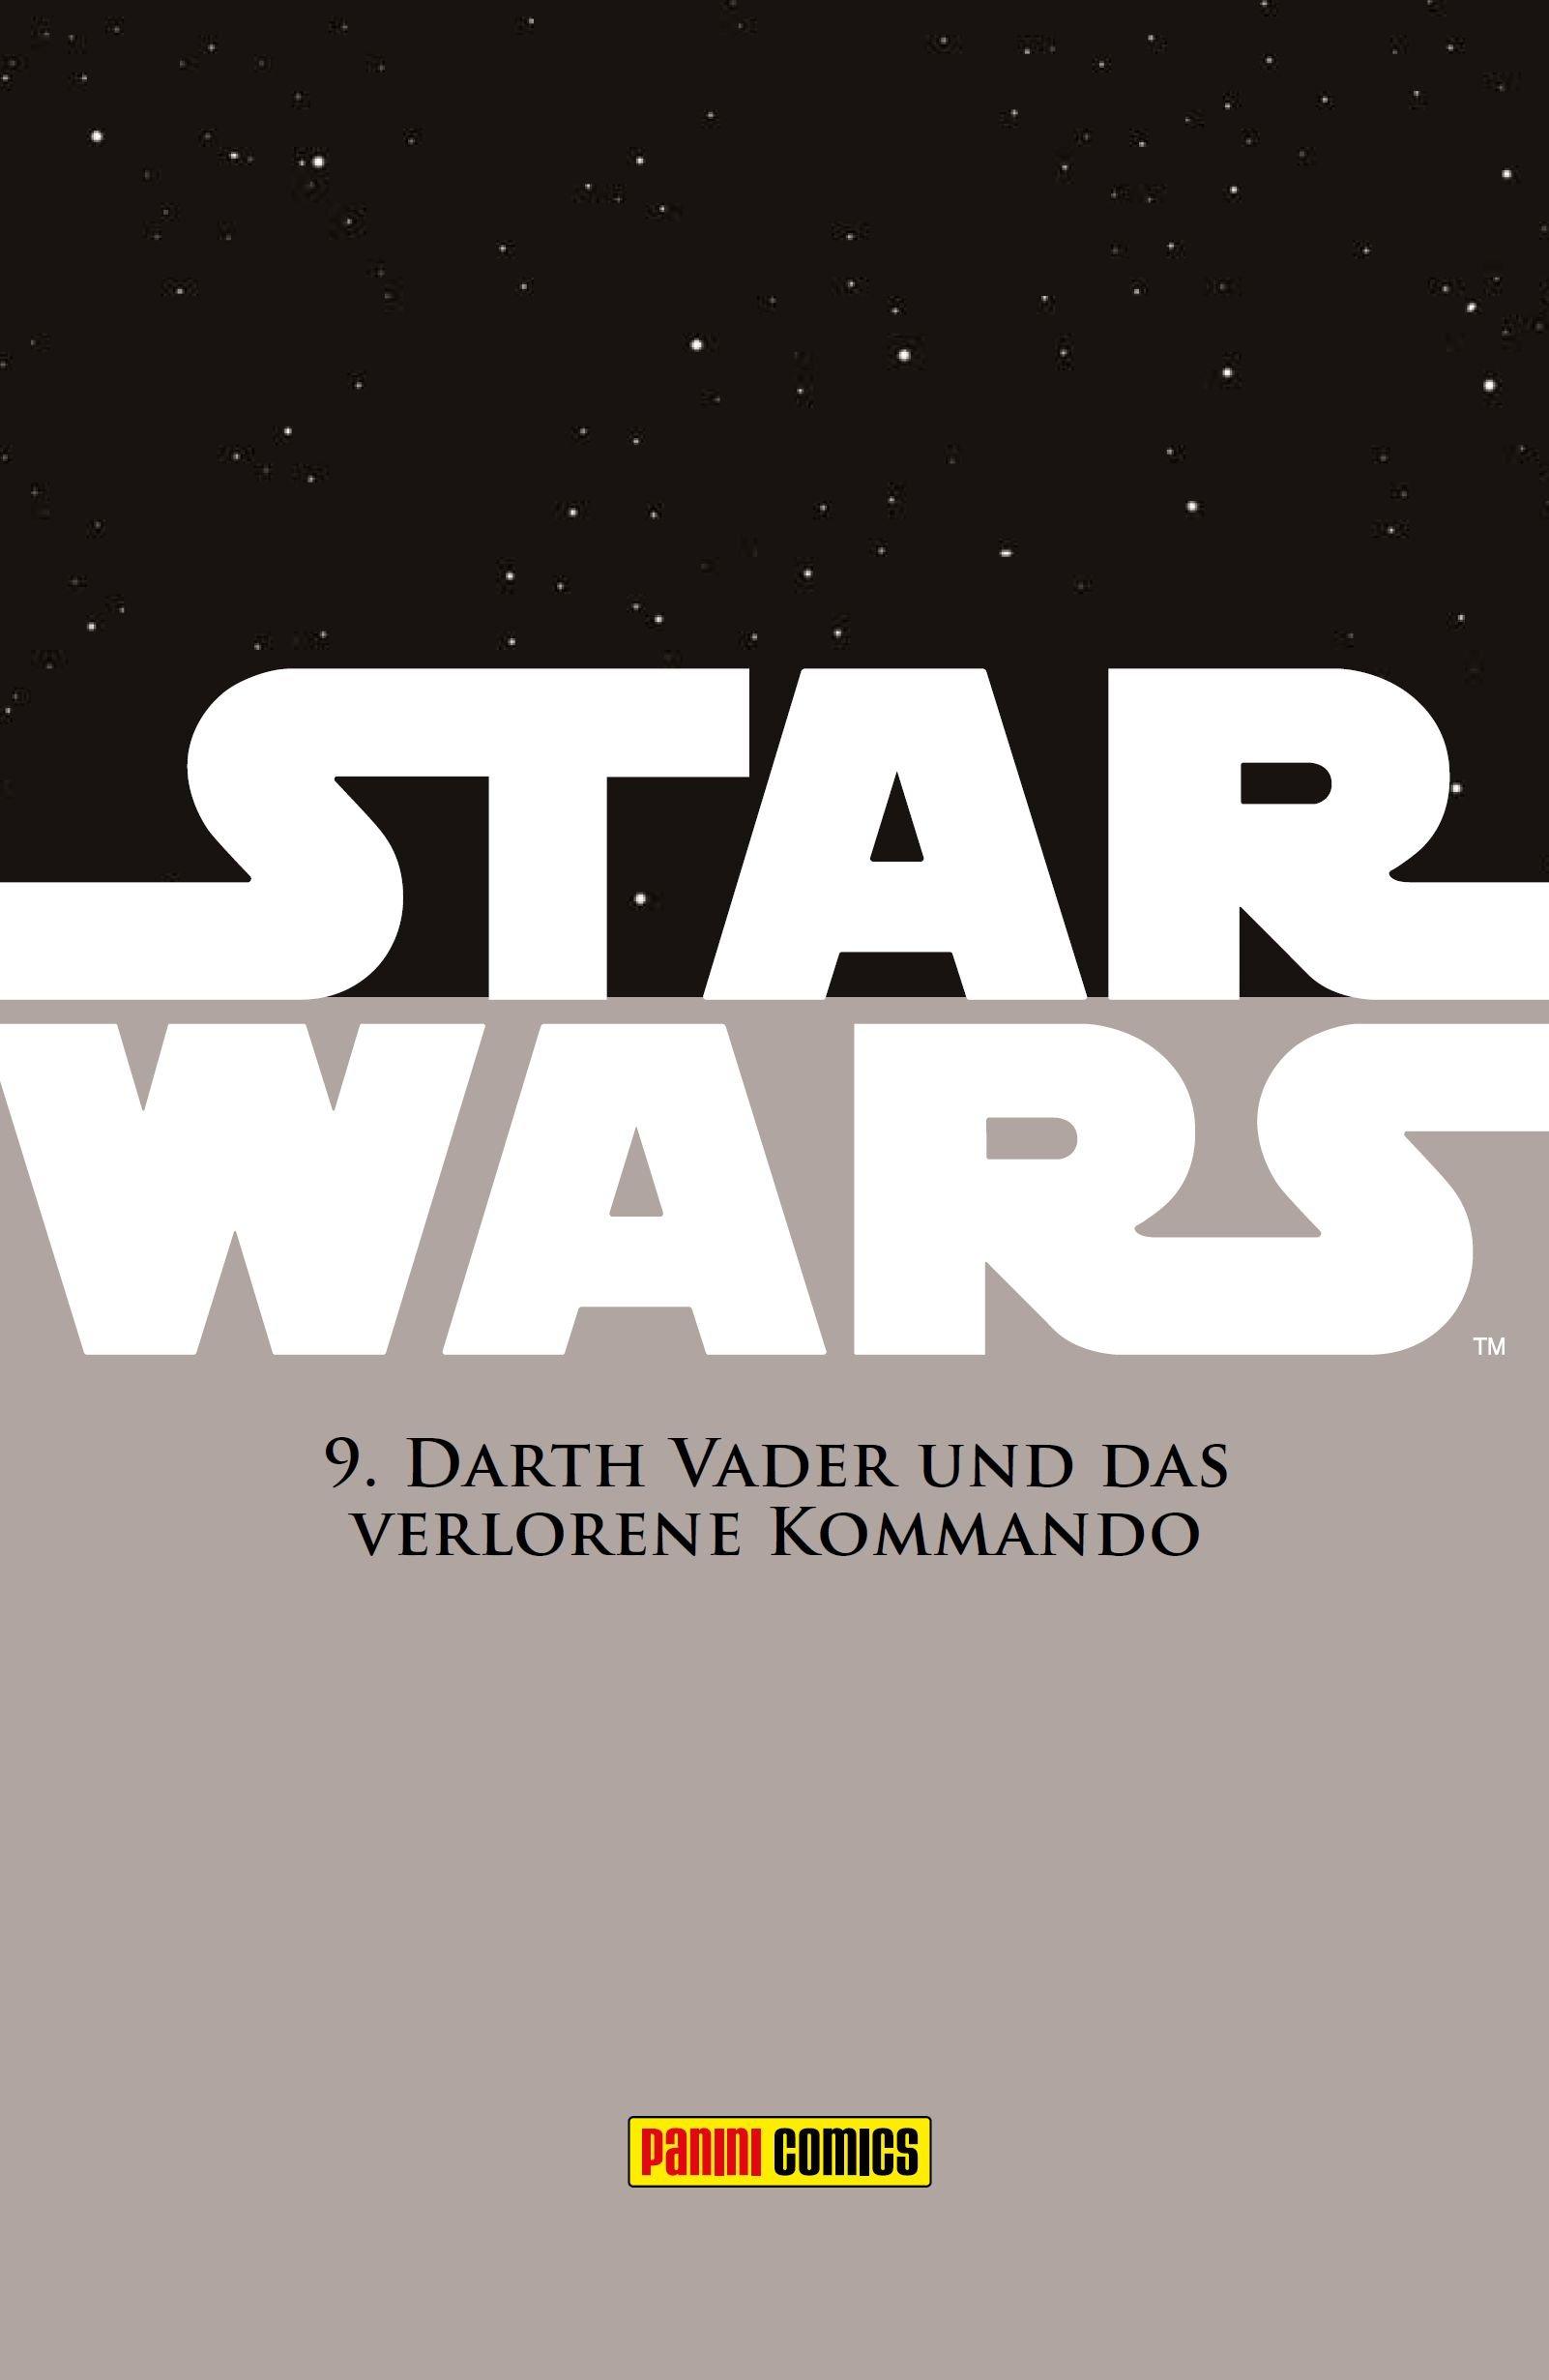 Star Wars Comic-Kollektion, Band 9: Darth Vader und das verlorene Kommando - Vorschauseite 1